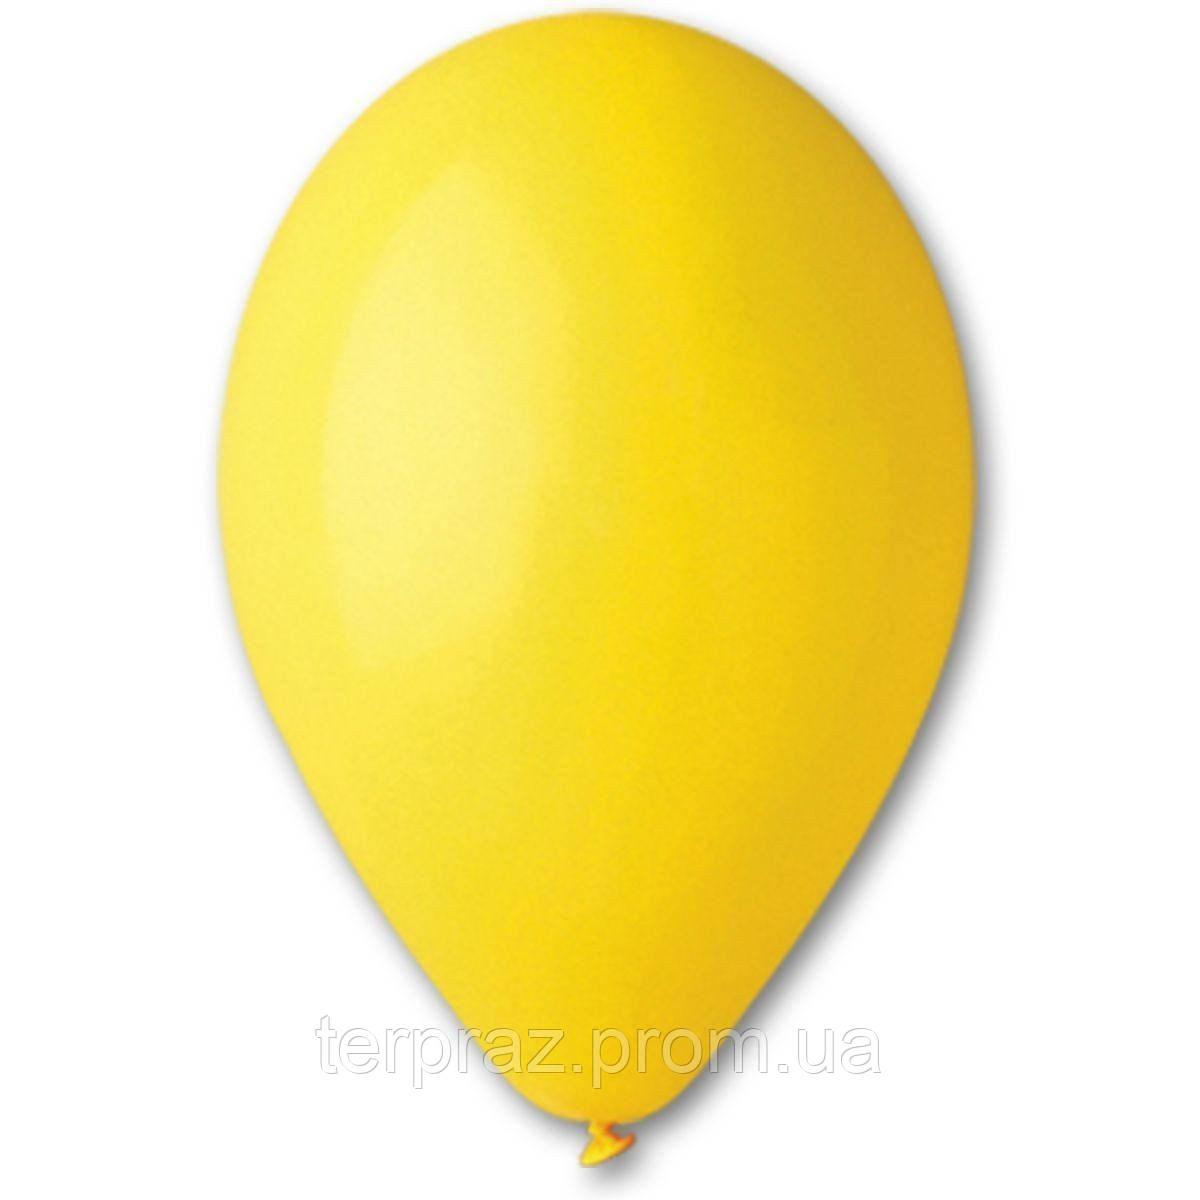 """Латексные шары круглые без рисунка 12"""" (30 см) / 02 пастель желтый"""